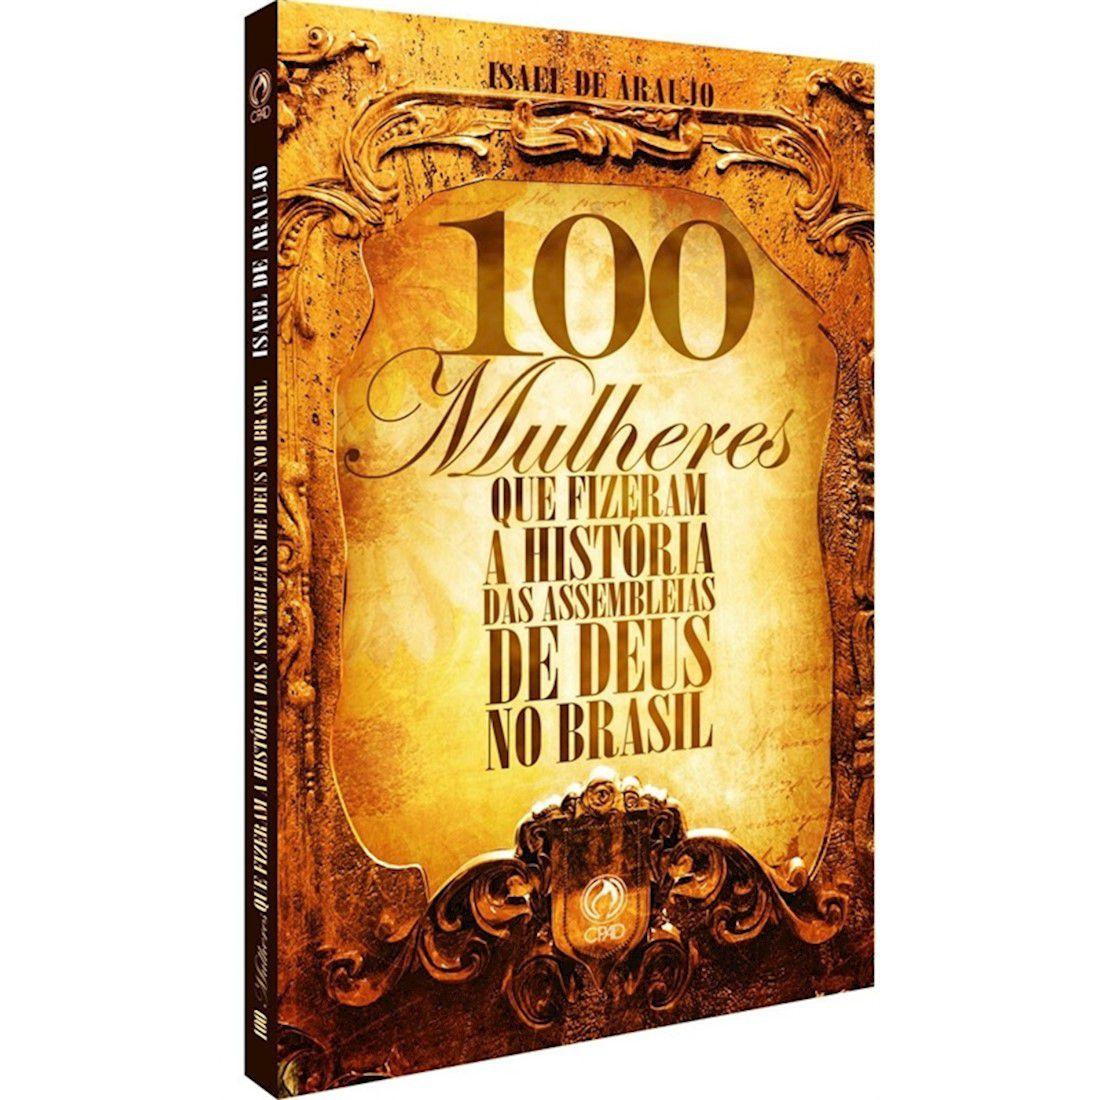 Livro 100 Mulheres que Fizeram a História das Assembleias de Deus no Brasil